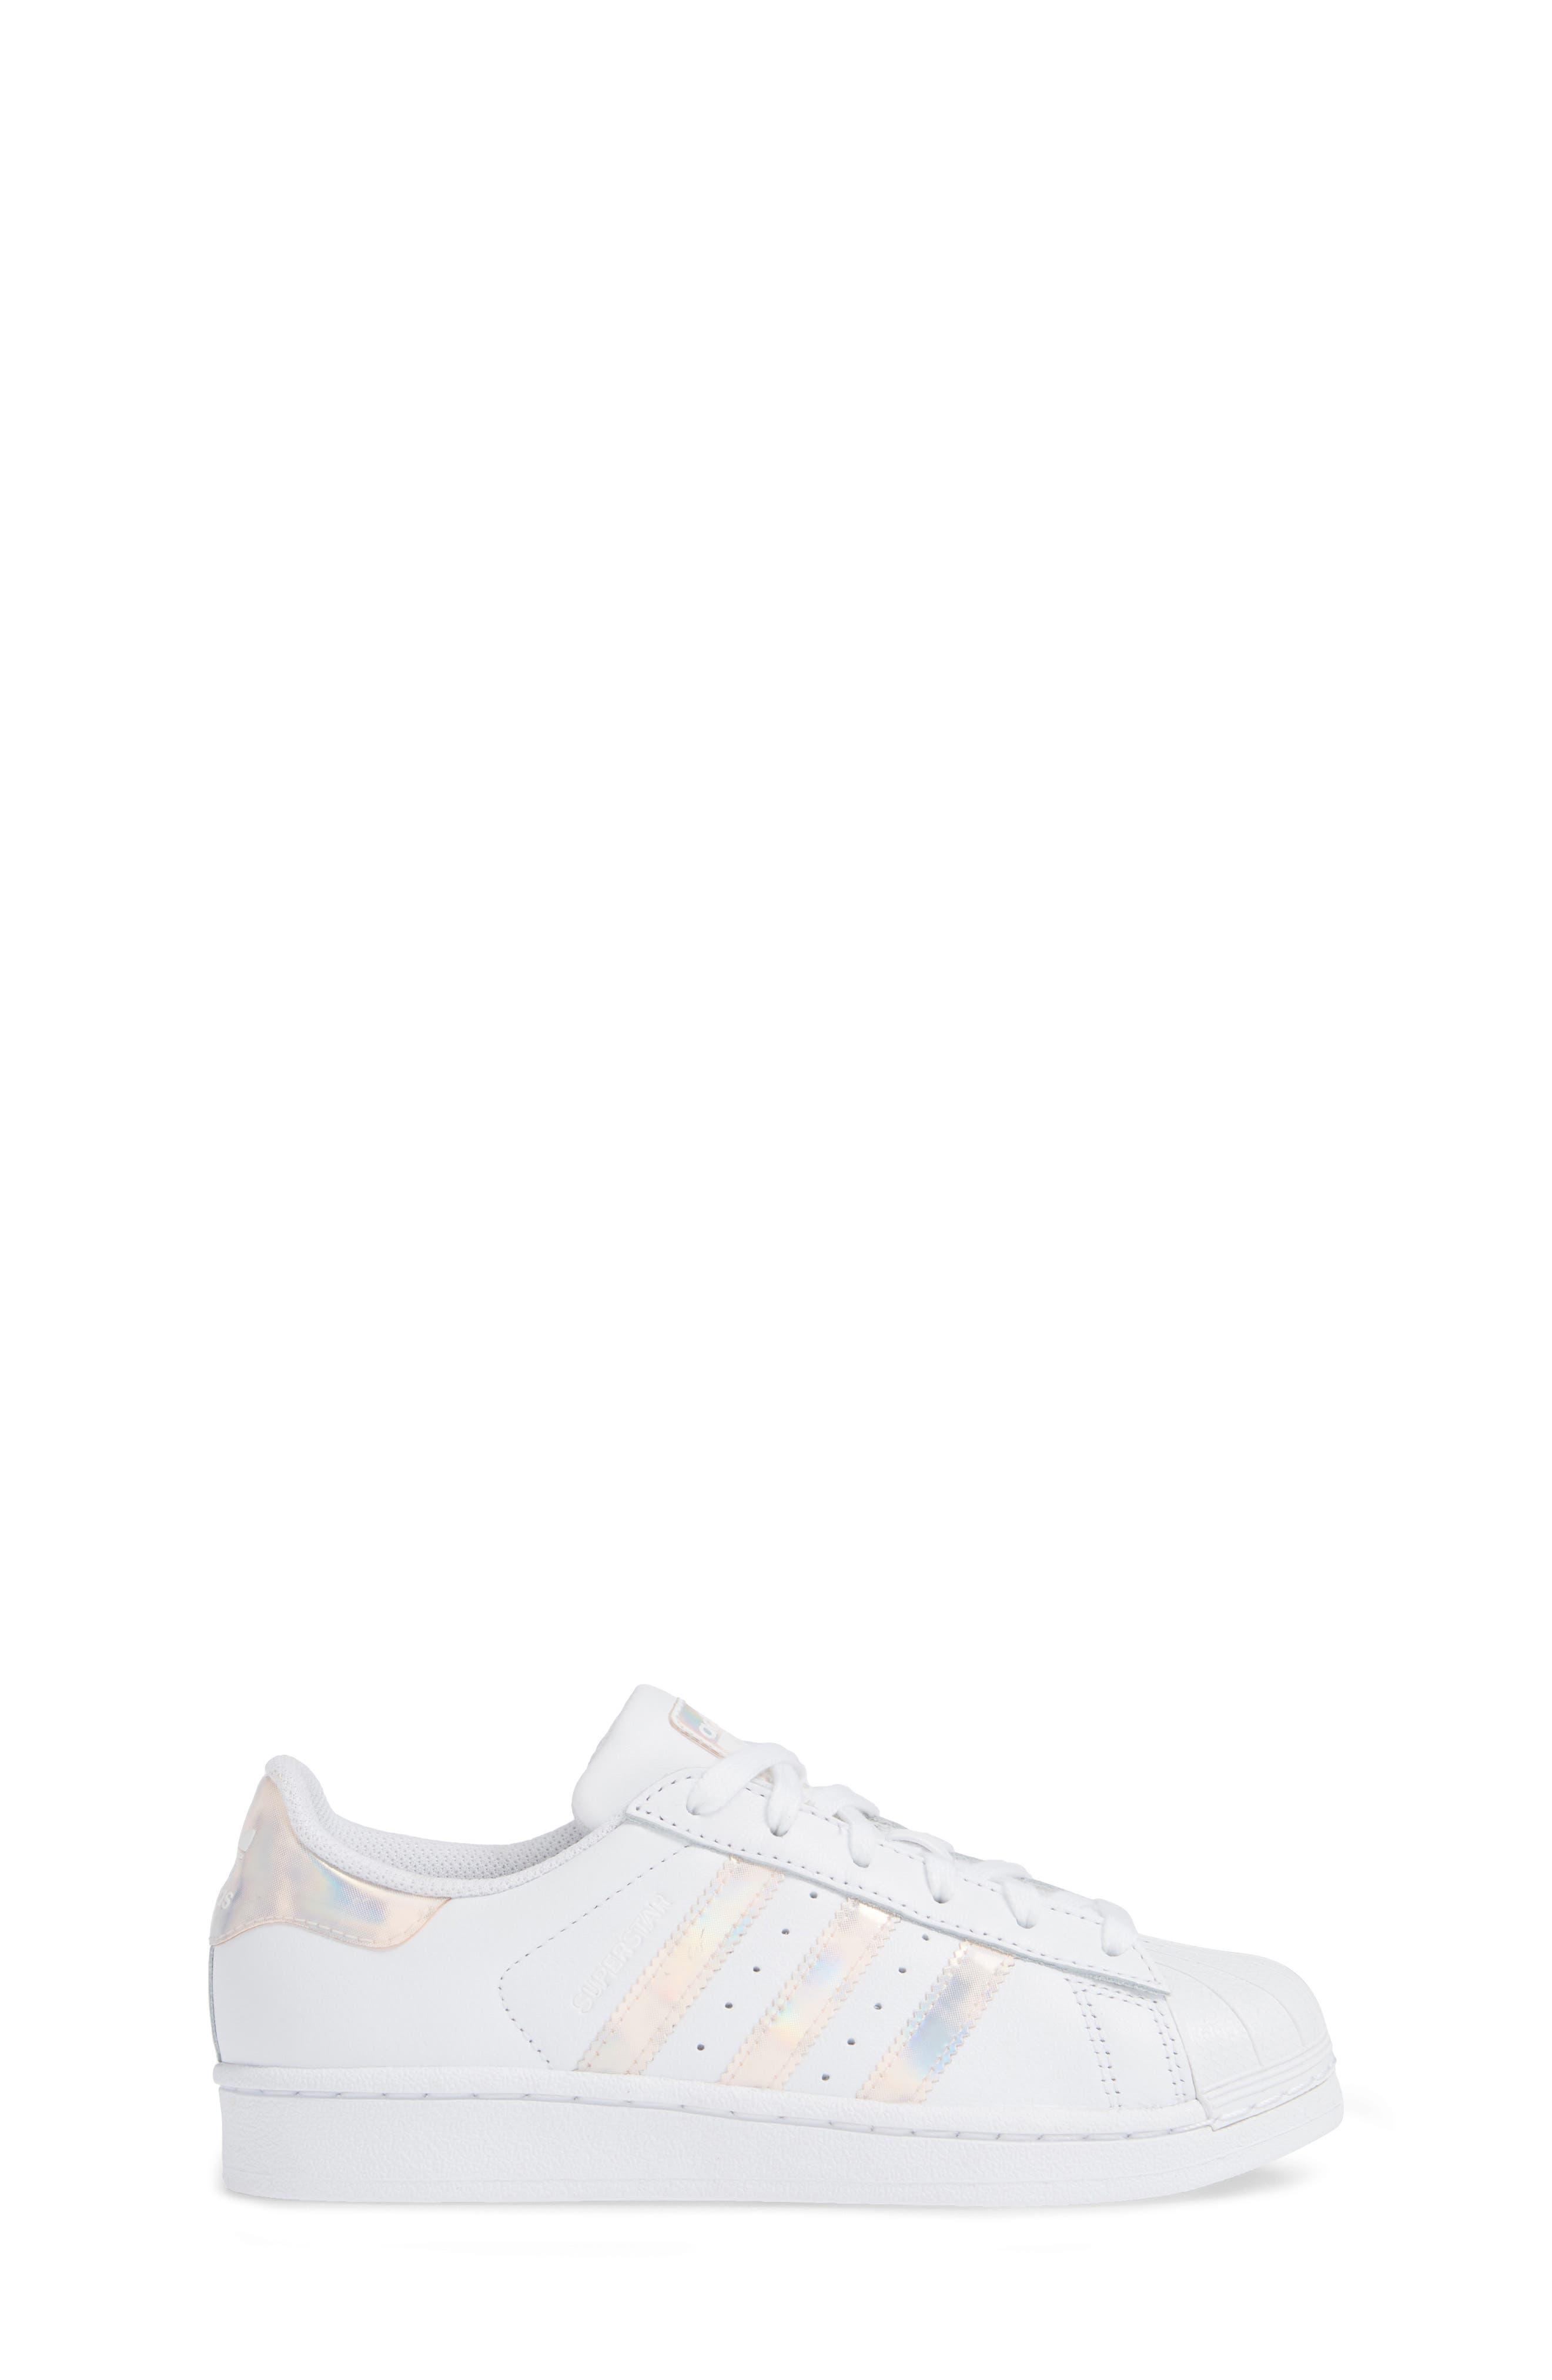 'Superstar II' Sneaker,                             Alternate thumbnail 3, color,                             FTWR WHITE